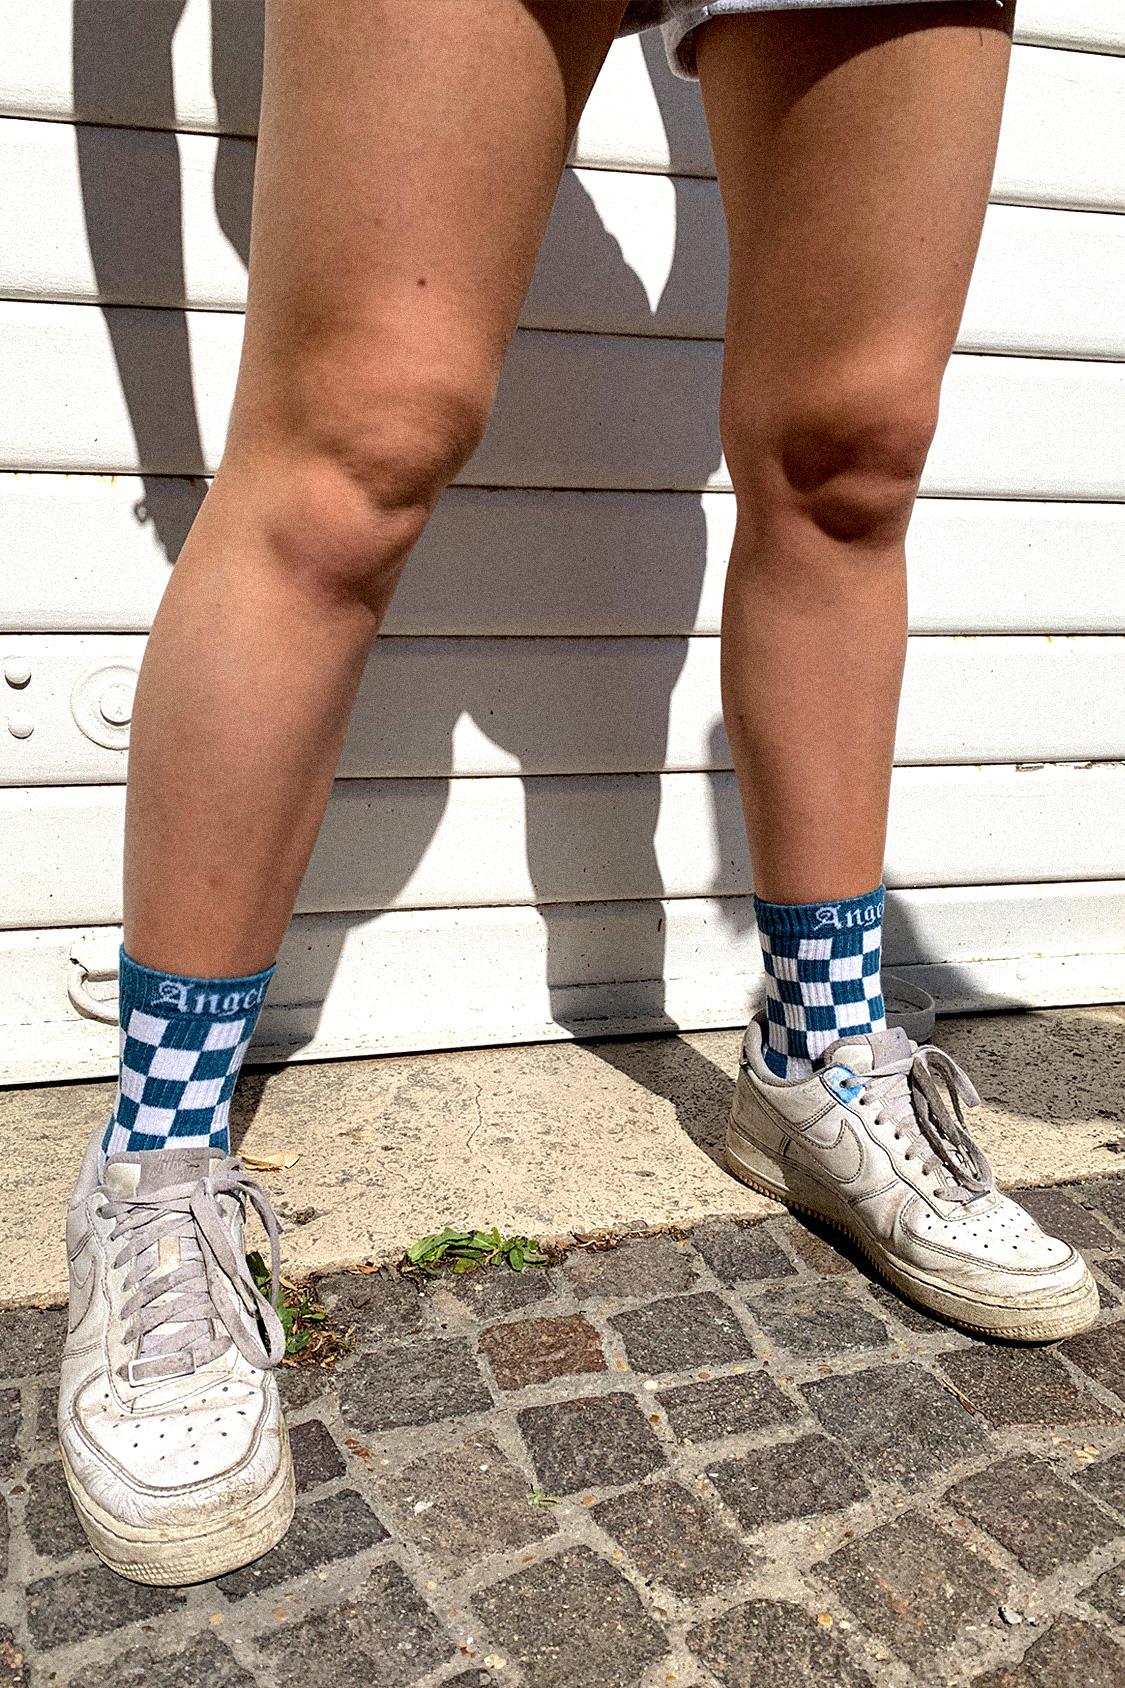 Angel printed socks